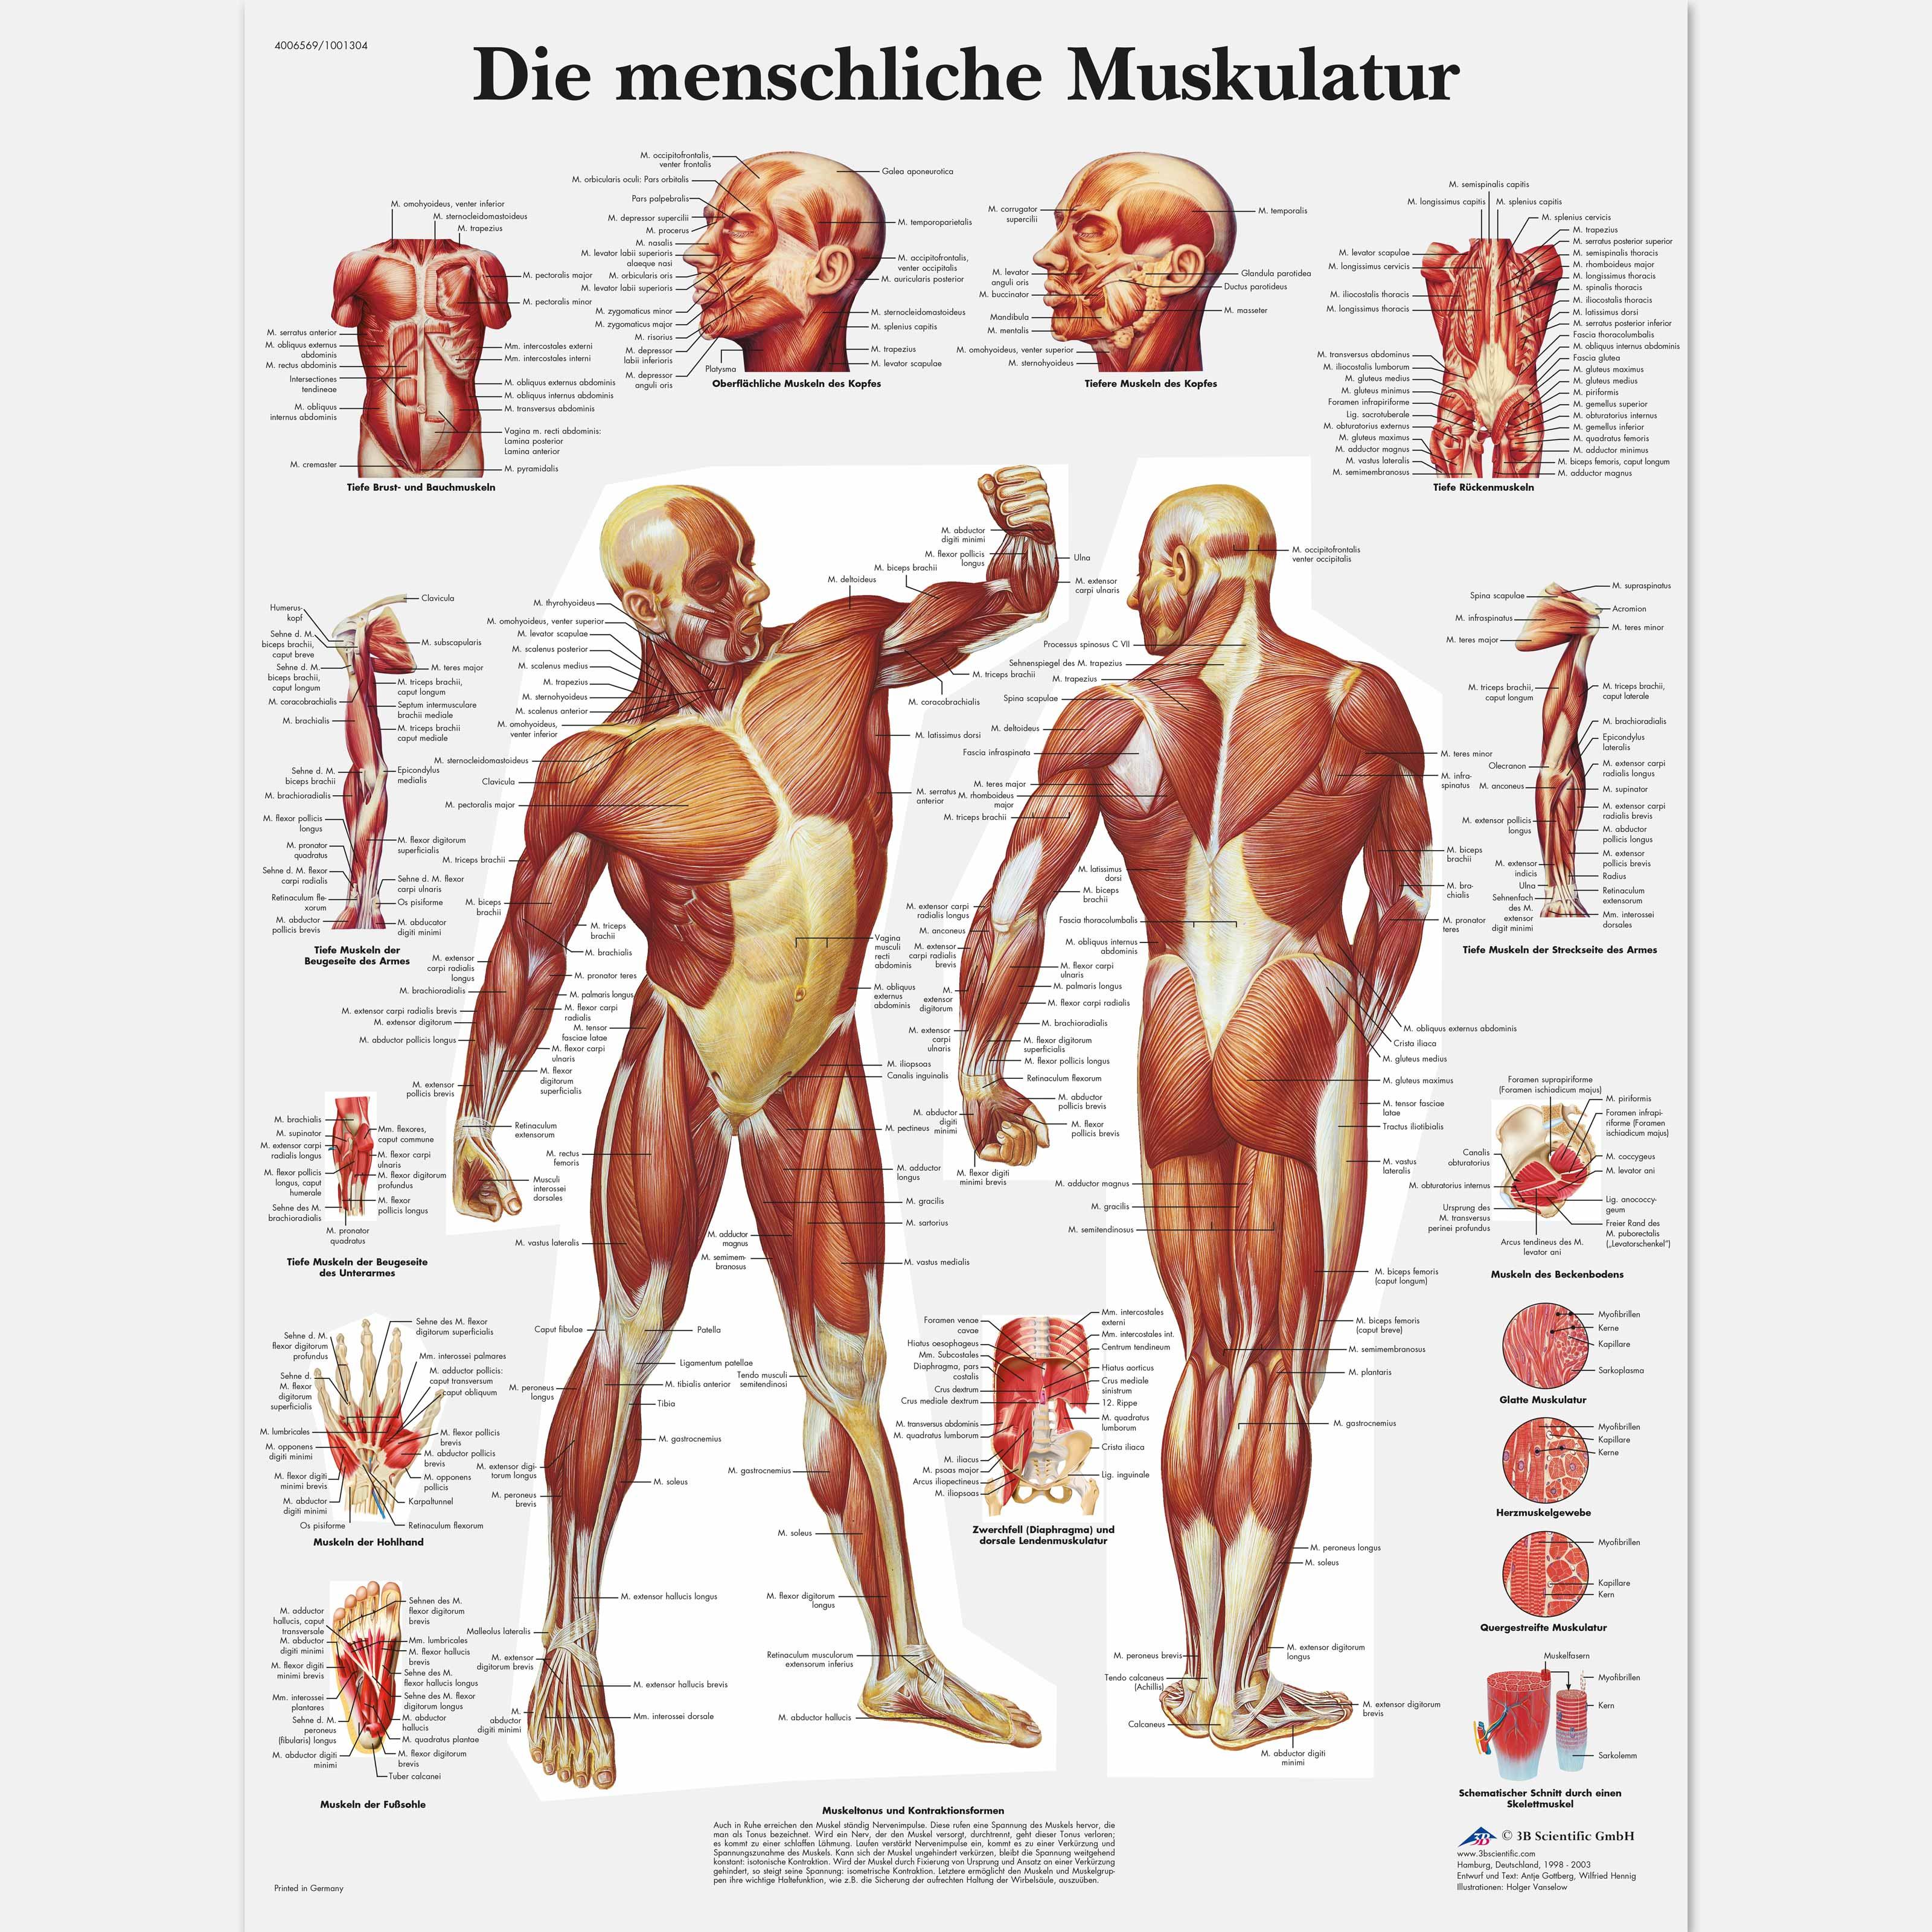 Ziemlich Menschliche Anatomie Karte Bilder - Menschliche Anatomie ...